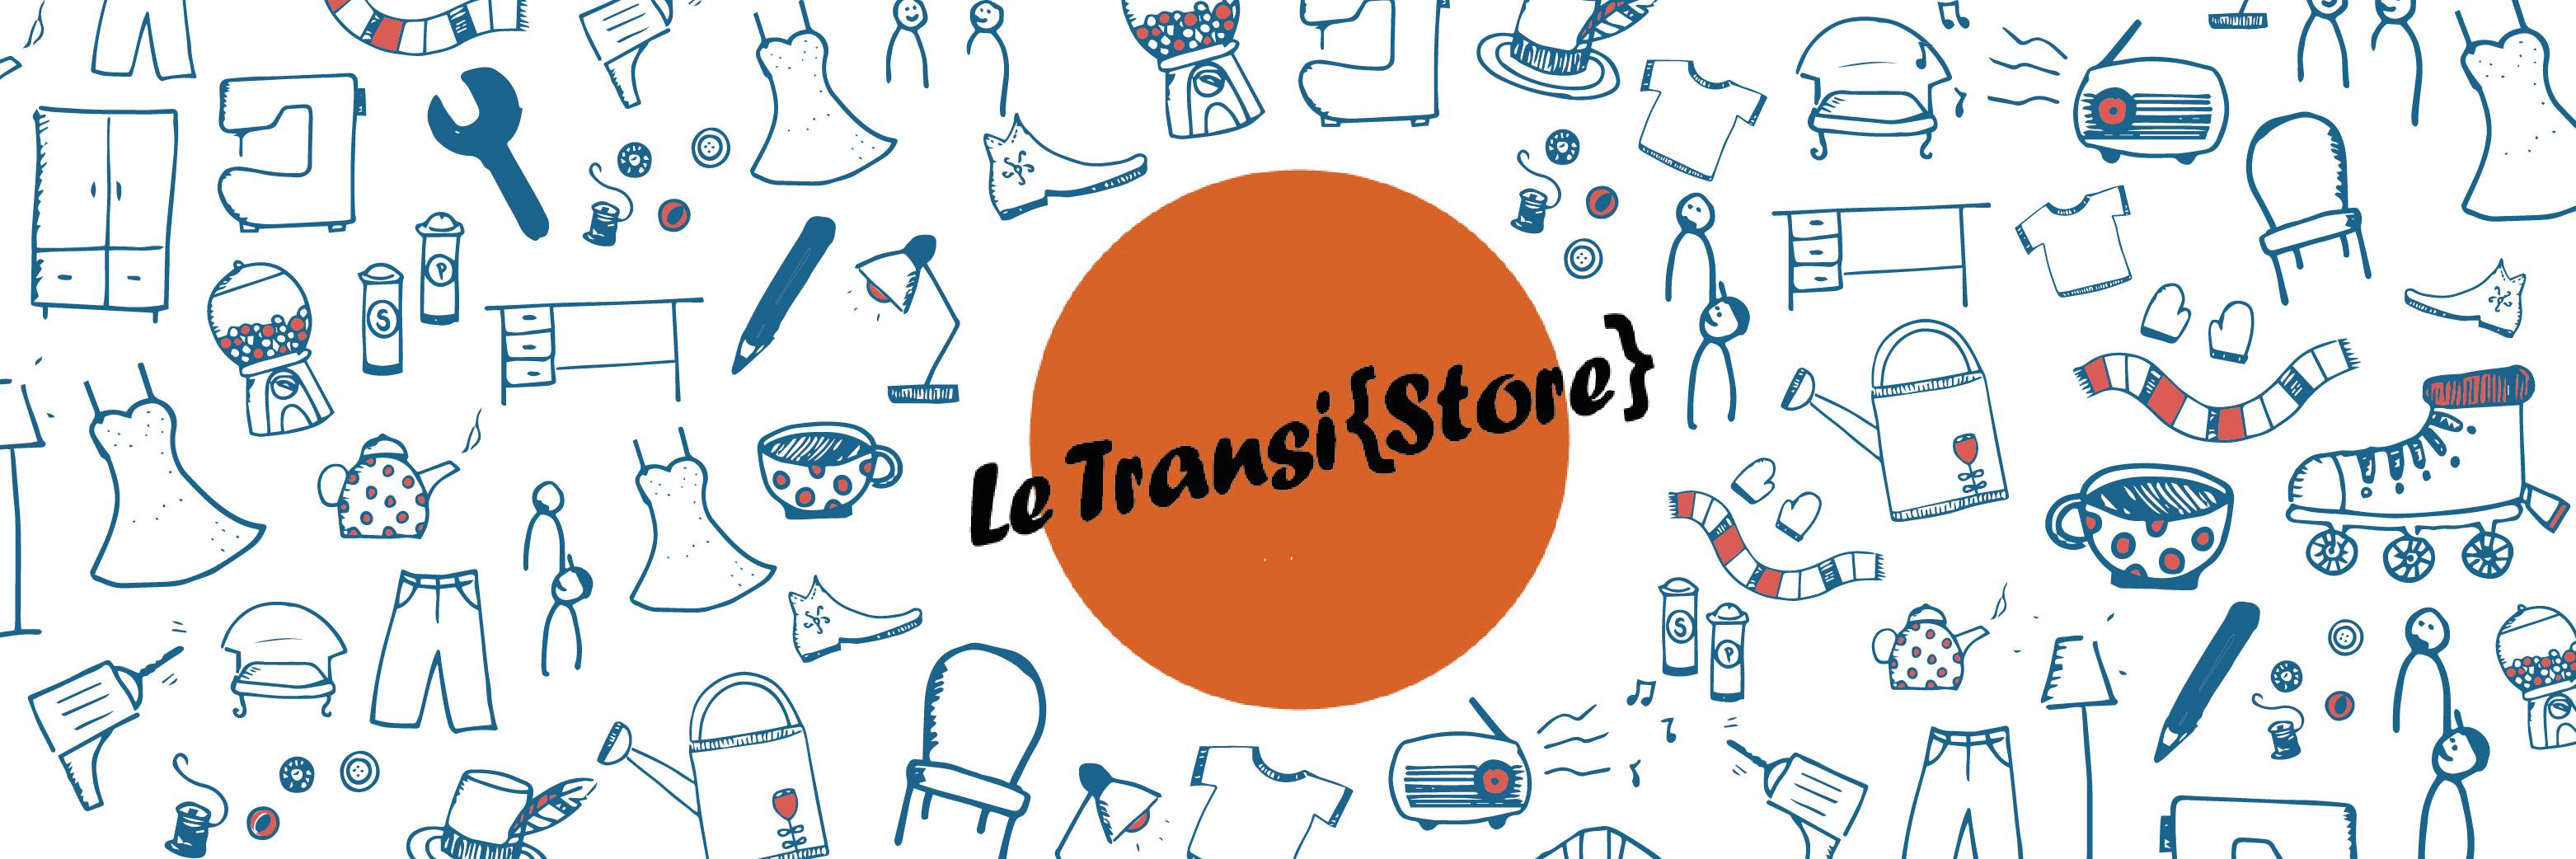 Logo du TransiStore